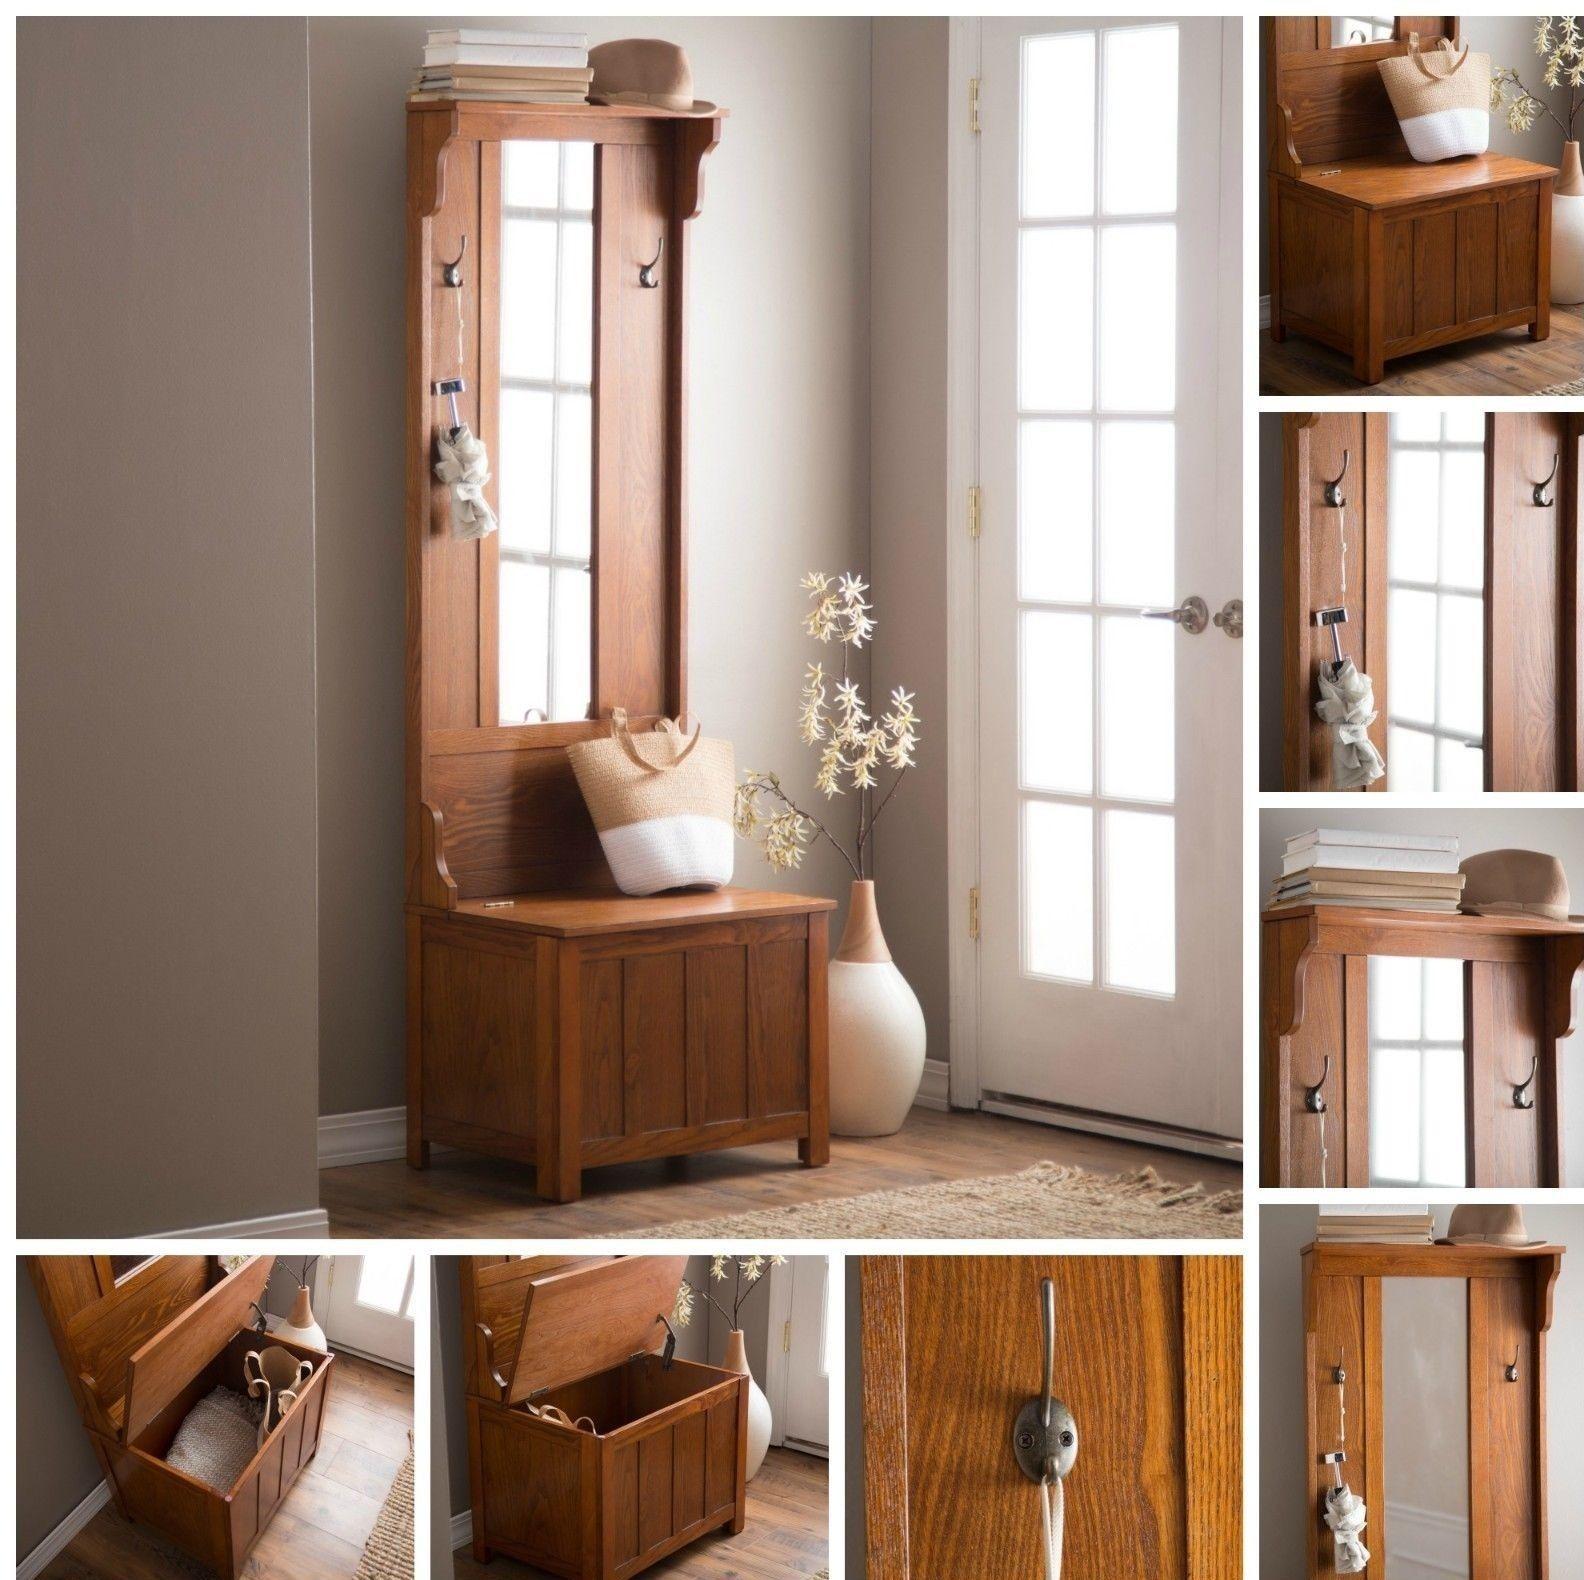 Wooden Brown Slim Hall Tree Storage Furniture Bench Mirror